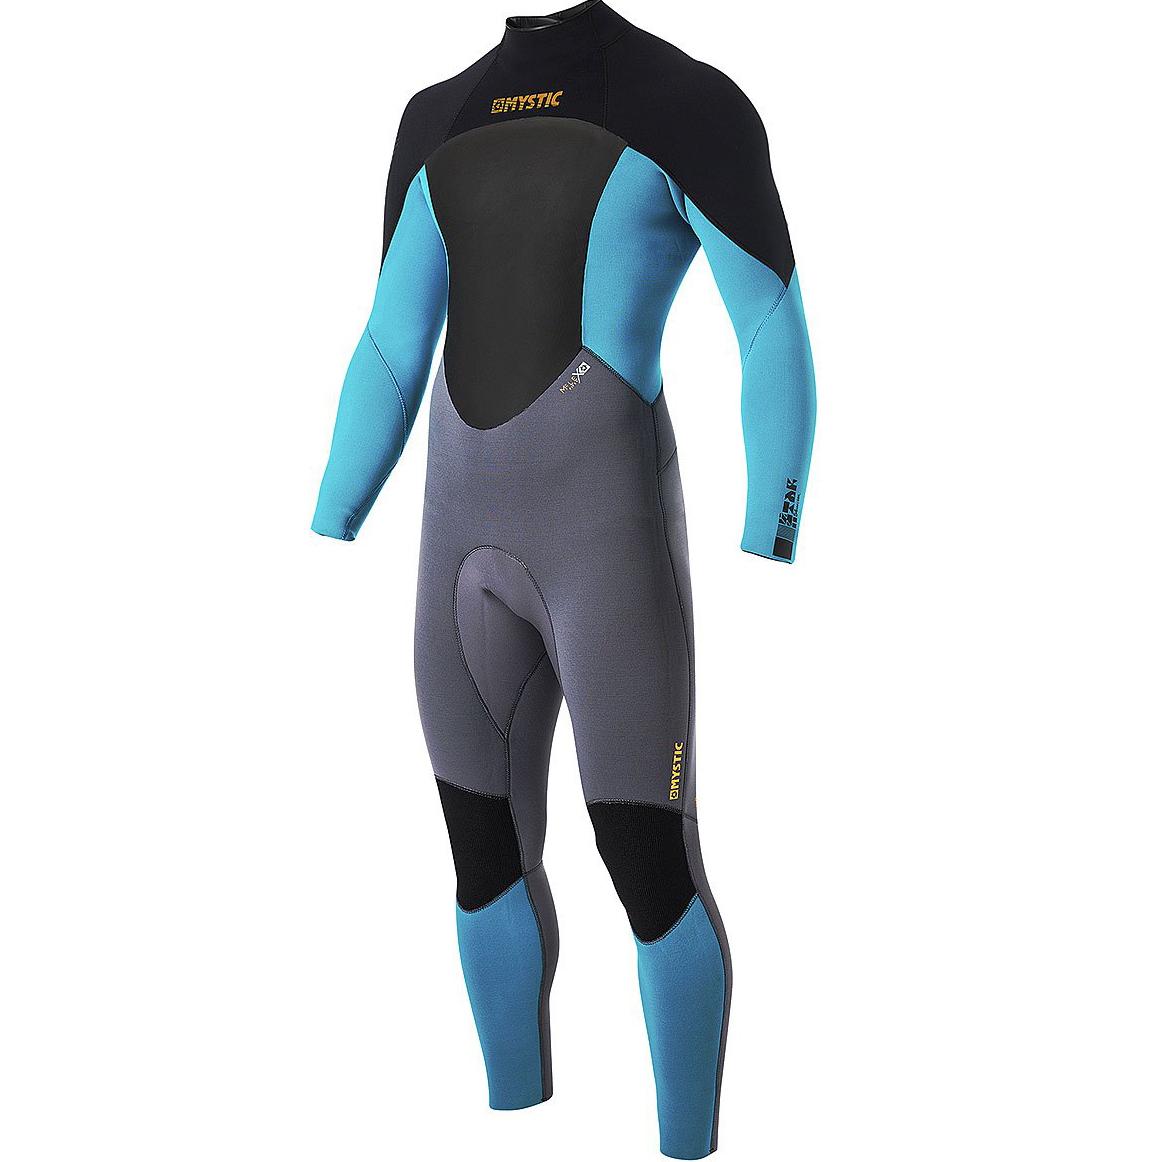 Sale Star 3/2 D/L FullSuit GBSГидрокостюмы<br>Длинный гидрокостюм обеспечит комфорт при занятиях экстремальными видами водного спорта для теплой погоды. Стильный дизайн, есть удобный карман для ключей.<br><br><br> <br><br> Особенности:<br><br><br>Толщина неопрена: 3/2 мм. <br>Проклеенные швы GBS (Glue Blind Stitched)– панели склеиваются и прострачиваются наполовину, а не насквозь, что делает их водонепроницаемыми<br>Неопрен M-Flex 50% - самый тянущийся неопрен в линейке. Используемая технология перекрестного плетения позволяет тянуться во всех направлениях. Мягкий, приятен коже.<br>Эргономичные вставки на коленях, тянущиеся в 4-х направлениях<br>Плоские швы <br>Карман для ключей<br>Молния на спине<br>Двойная конструкция воротника<br>Мягкие липучки внизу штанин для фиксации.<br><br>Сезон: SS17<br>Артикул: 33182<br>Цвет: ORANGE<br>Пол: МУЖ<br>Пол: Мужcкое<br>Размер: LS<br>Тип вещи: ГИДРОКОСТЮМ